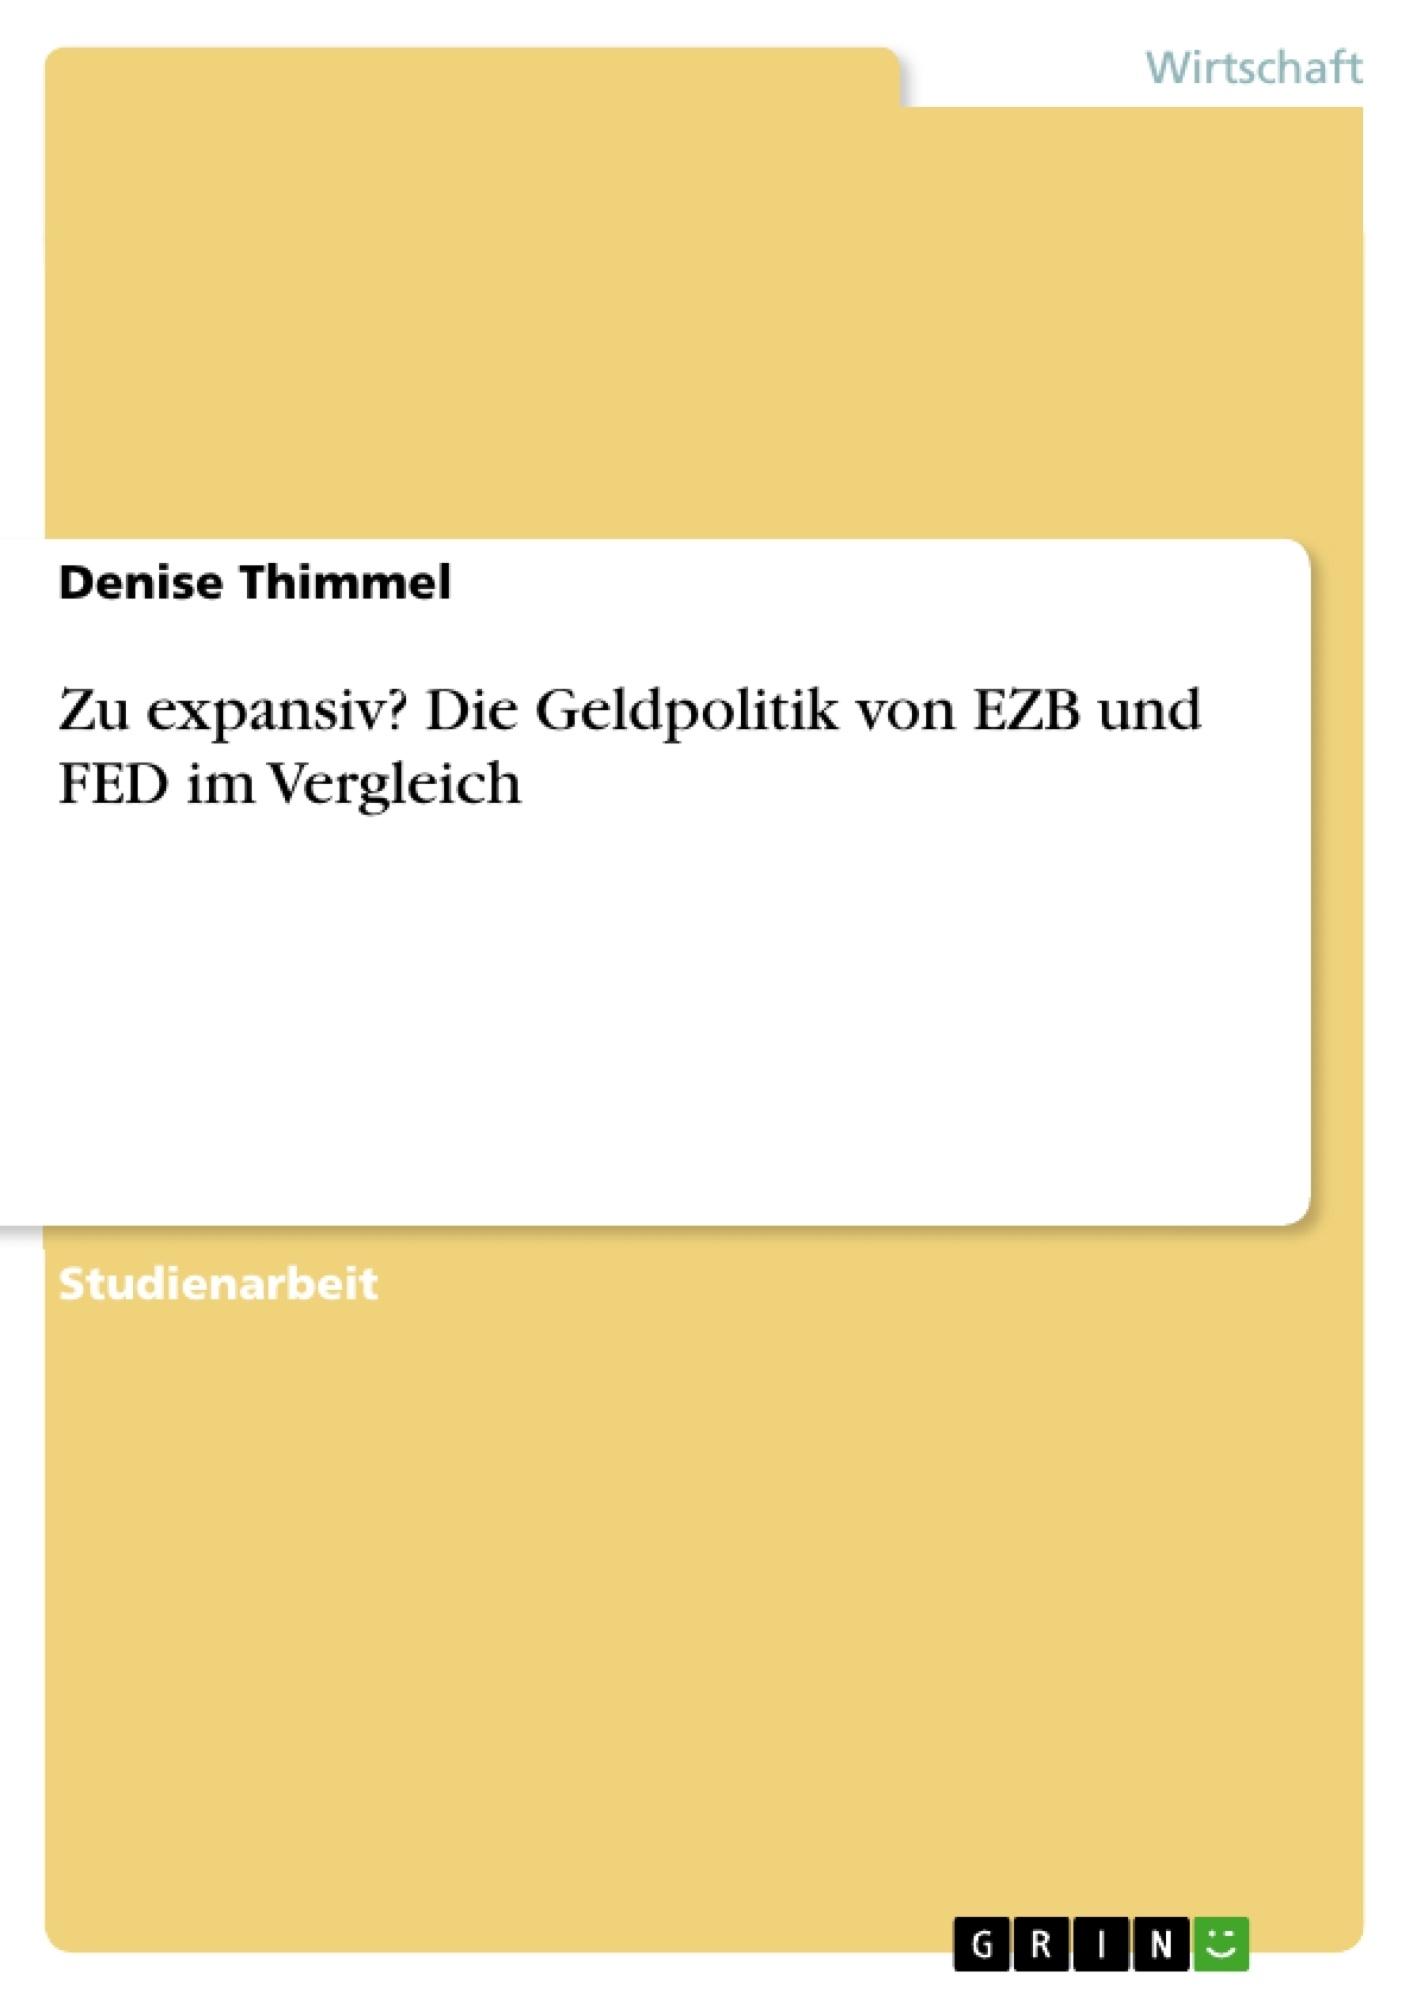 Titel: Zu expansiv? Die Geldpolitik von EZB und FED im Vergleich